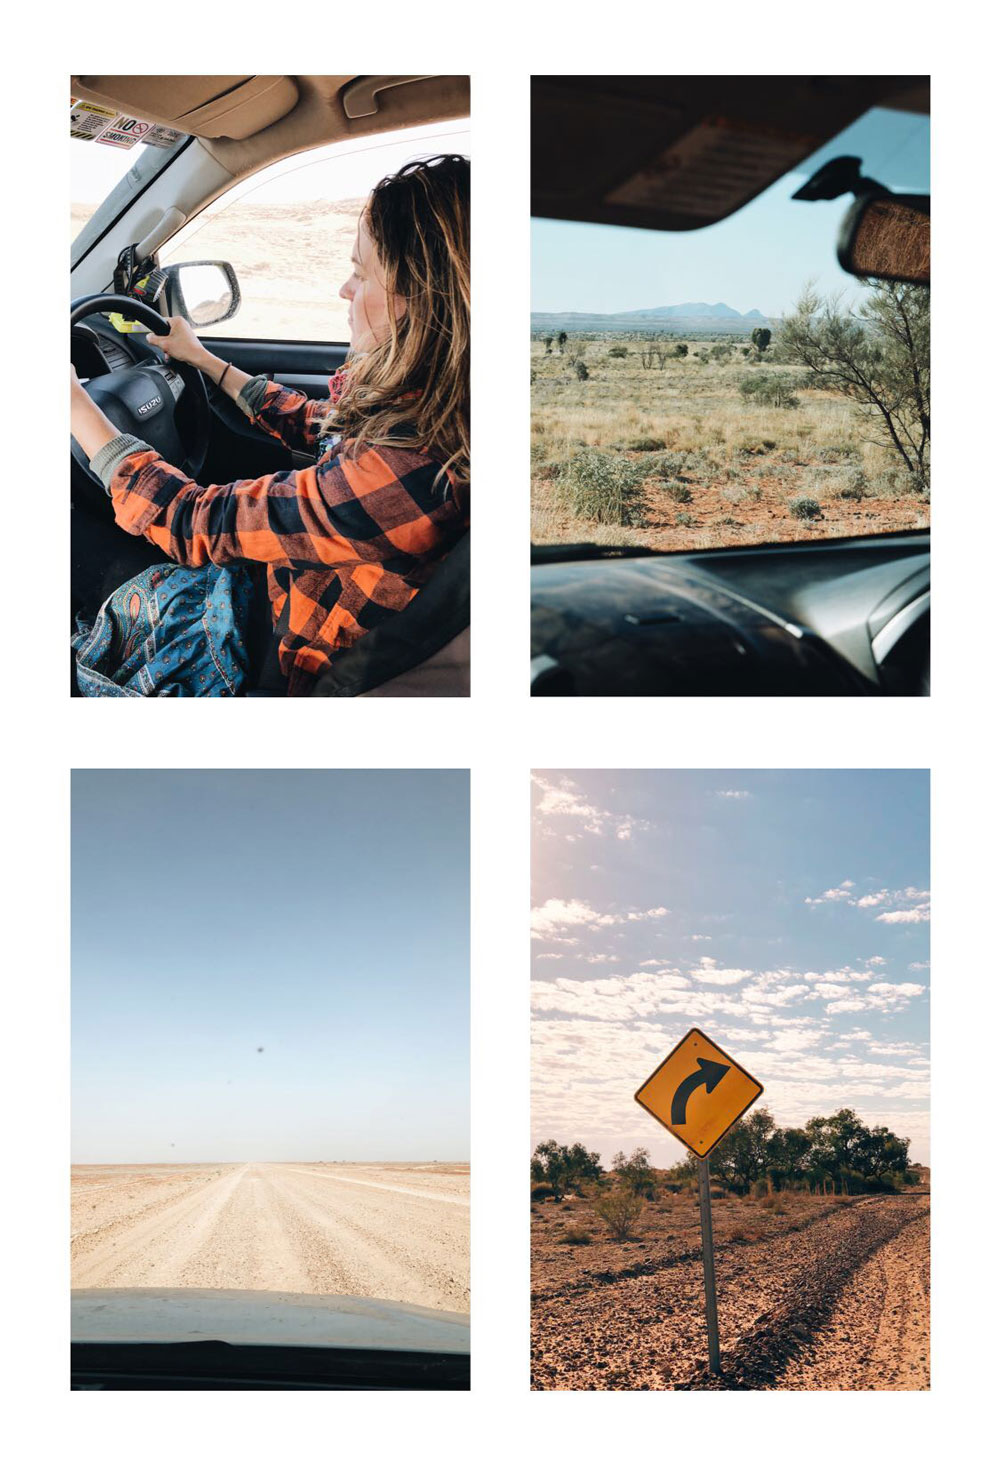 comment préparer un road trip dans désert australien